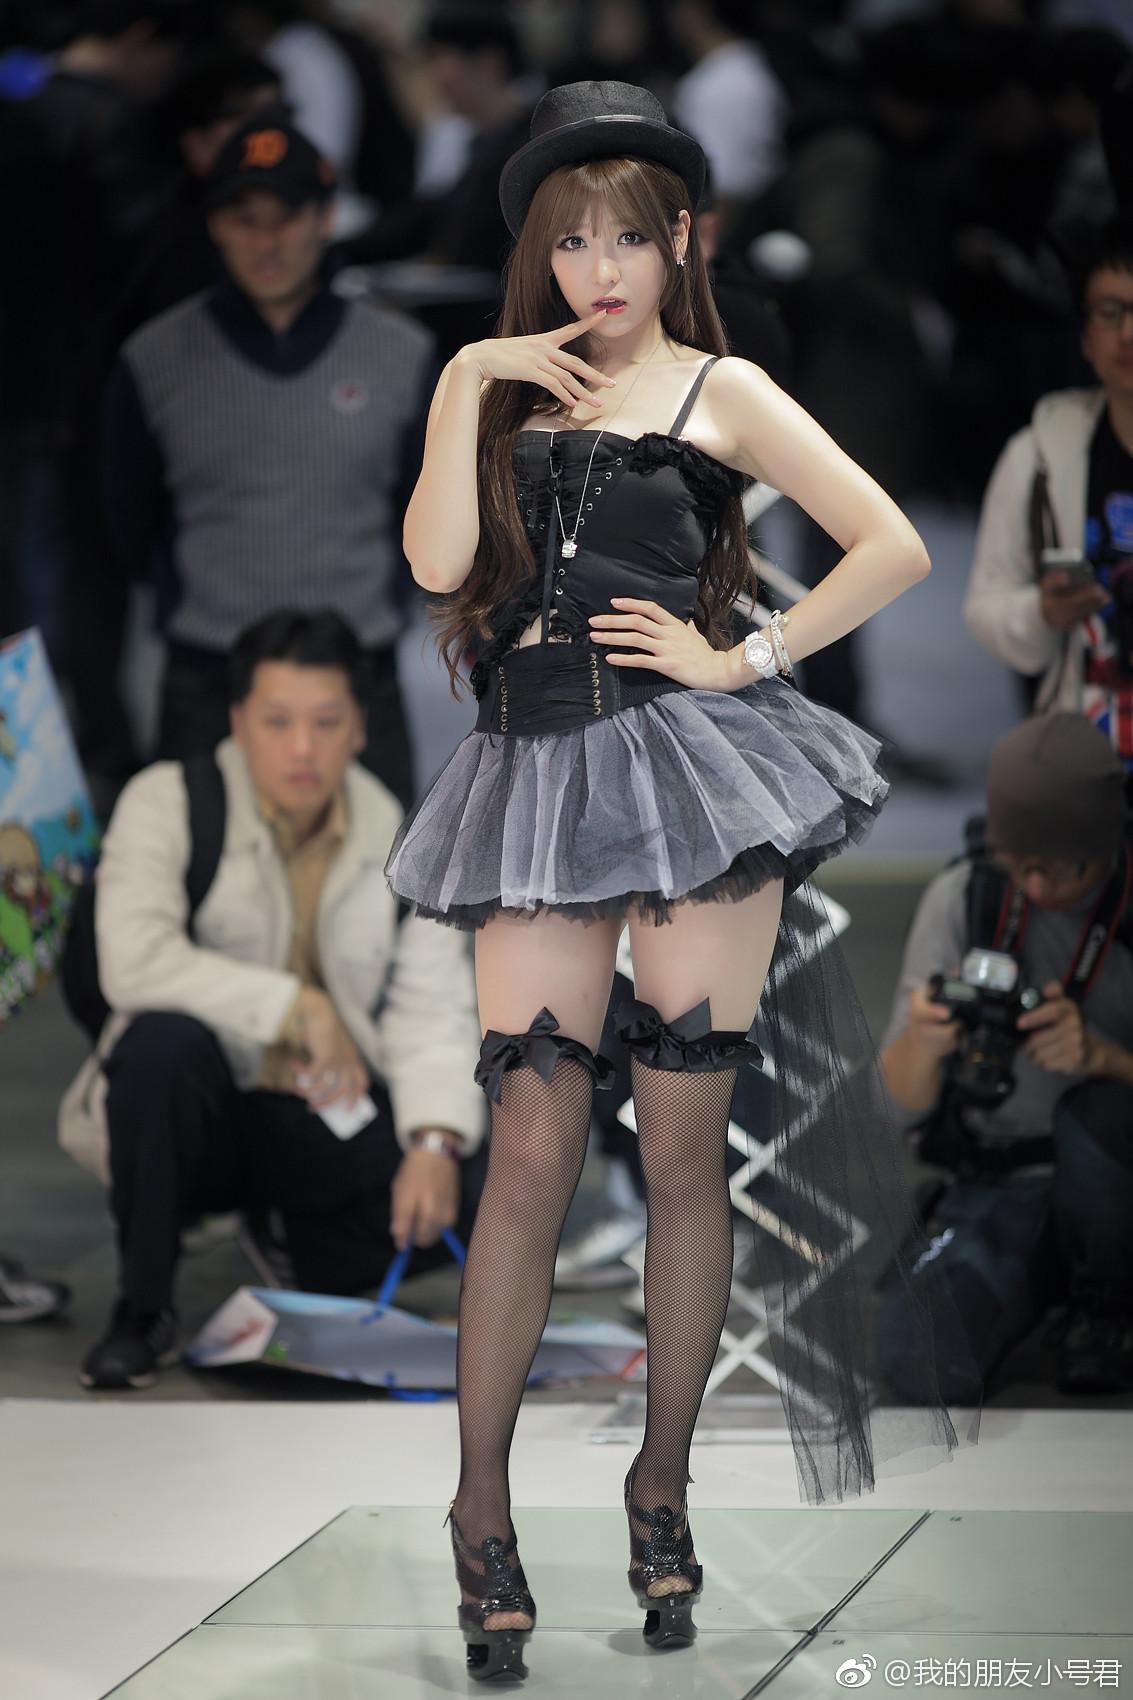 韩国妹子Lee Eun Hye ,大概,这就是心动的感觉吧 美女写真-第3张